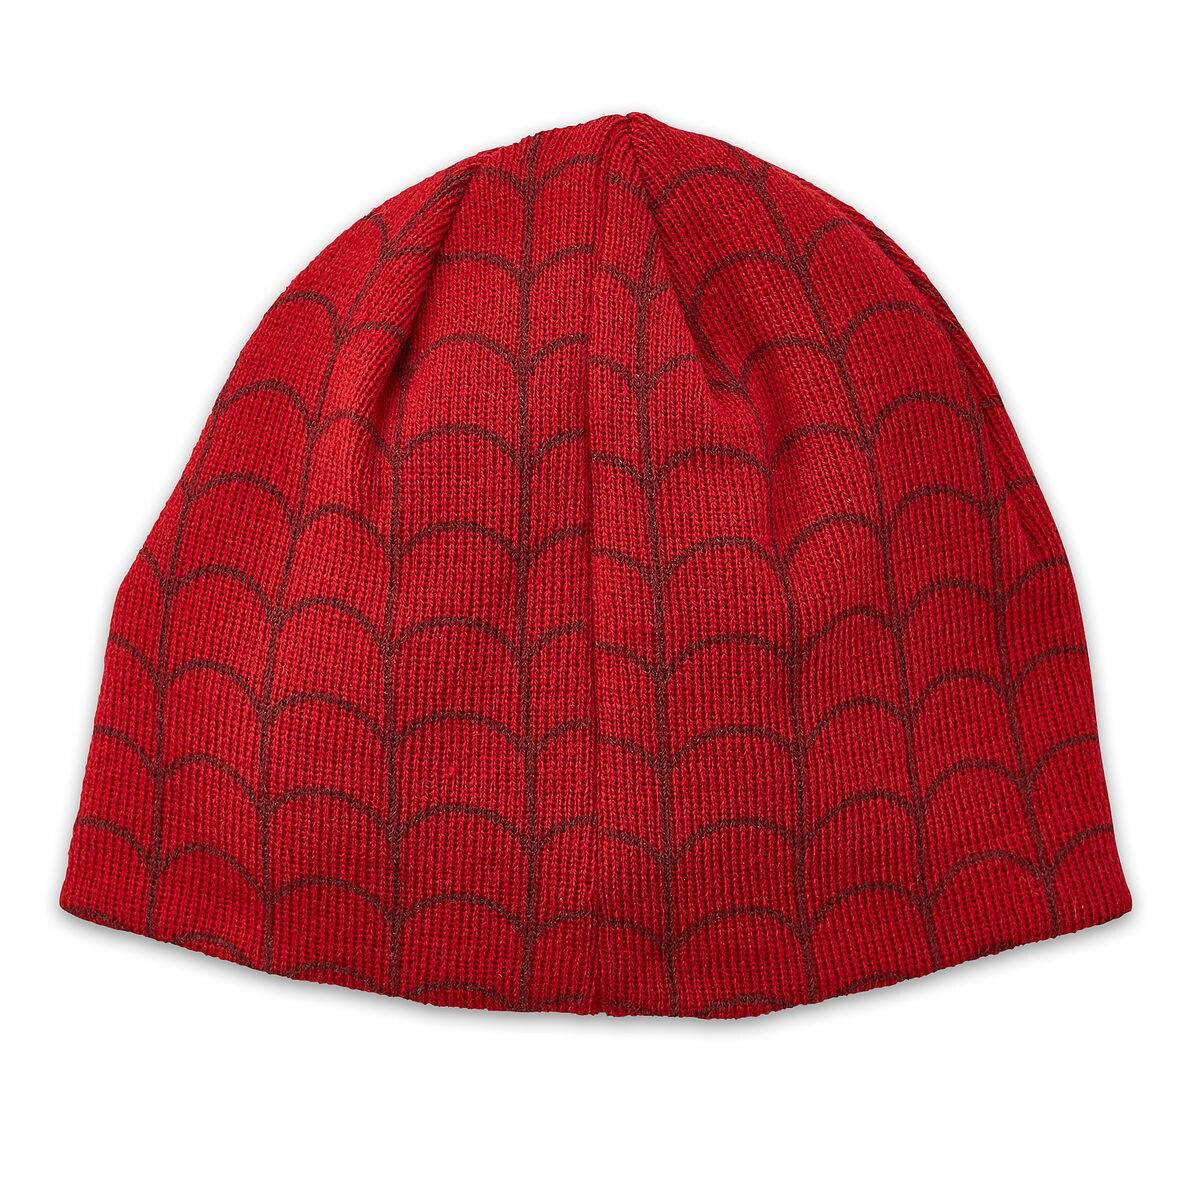 6f12fbbd97b Spider-Man Beanie Hat for Kids